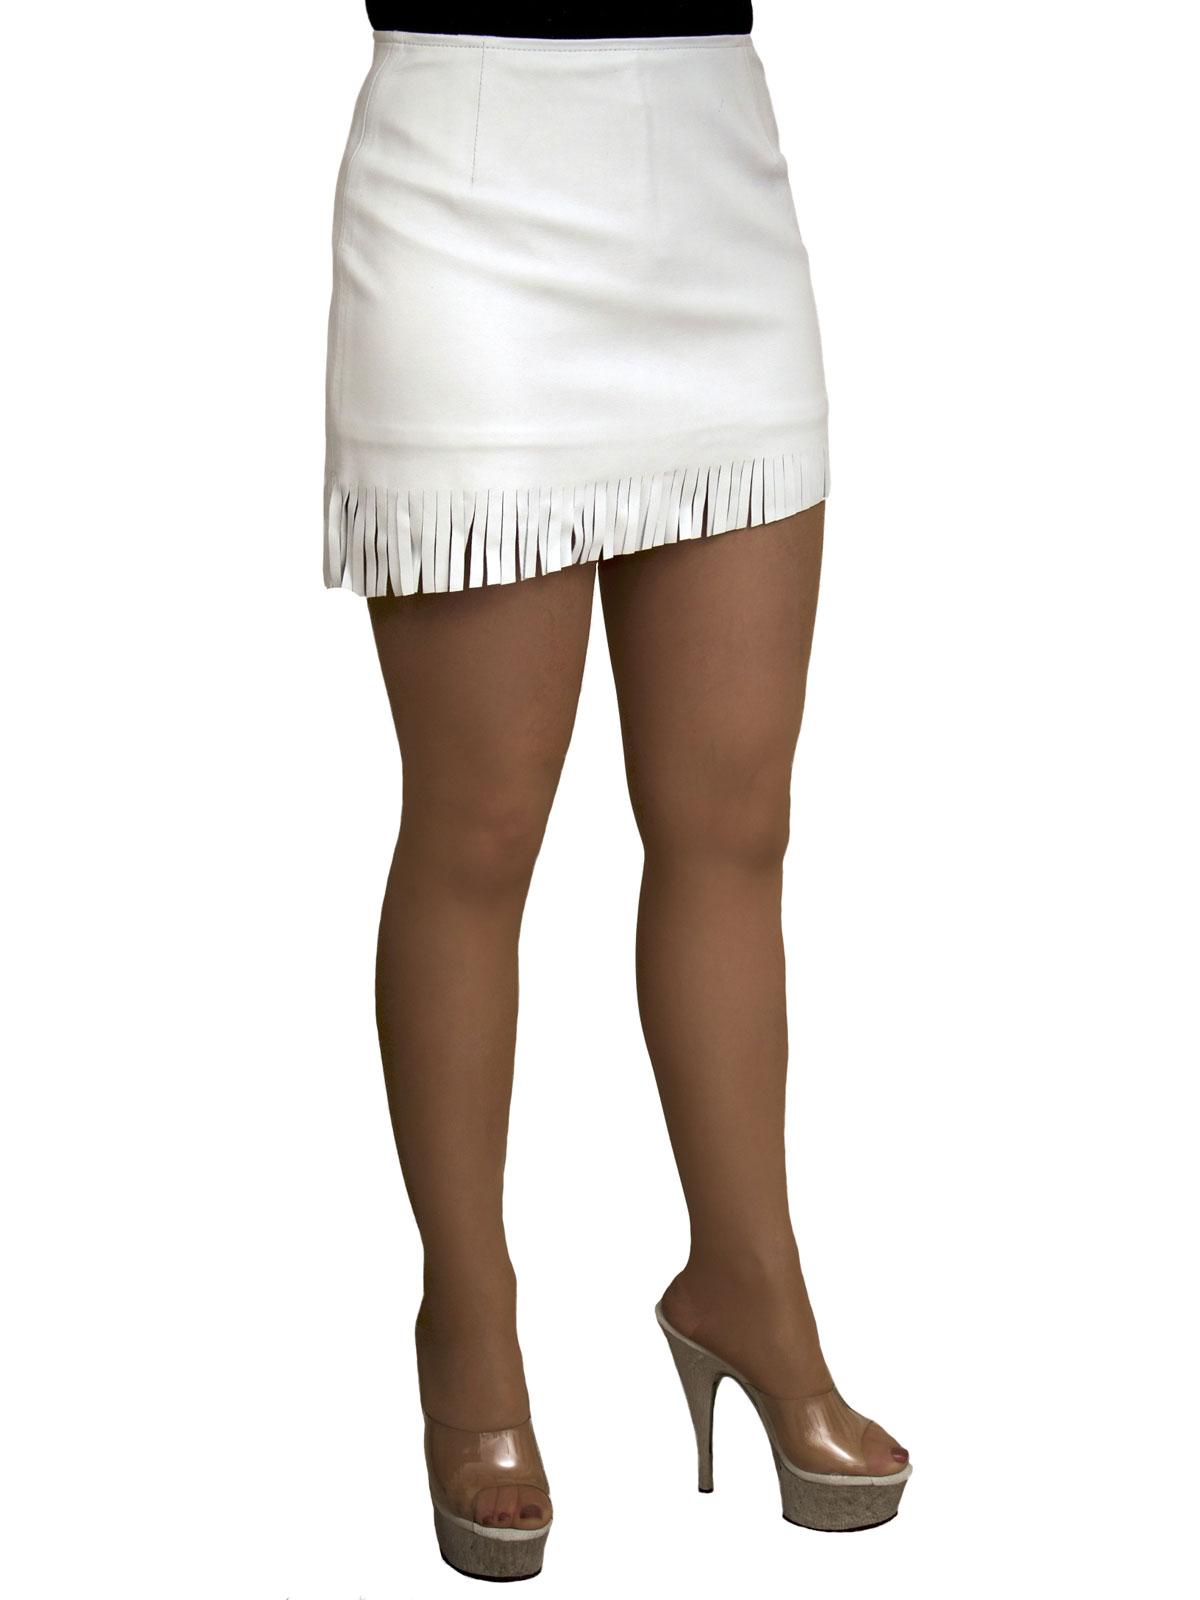 Soft Leather Mini Skirt with Fringed Slant Hem